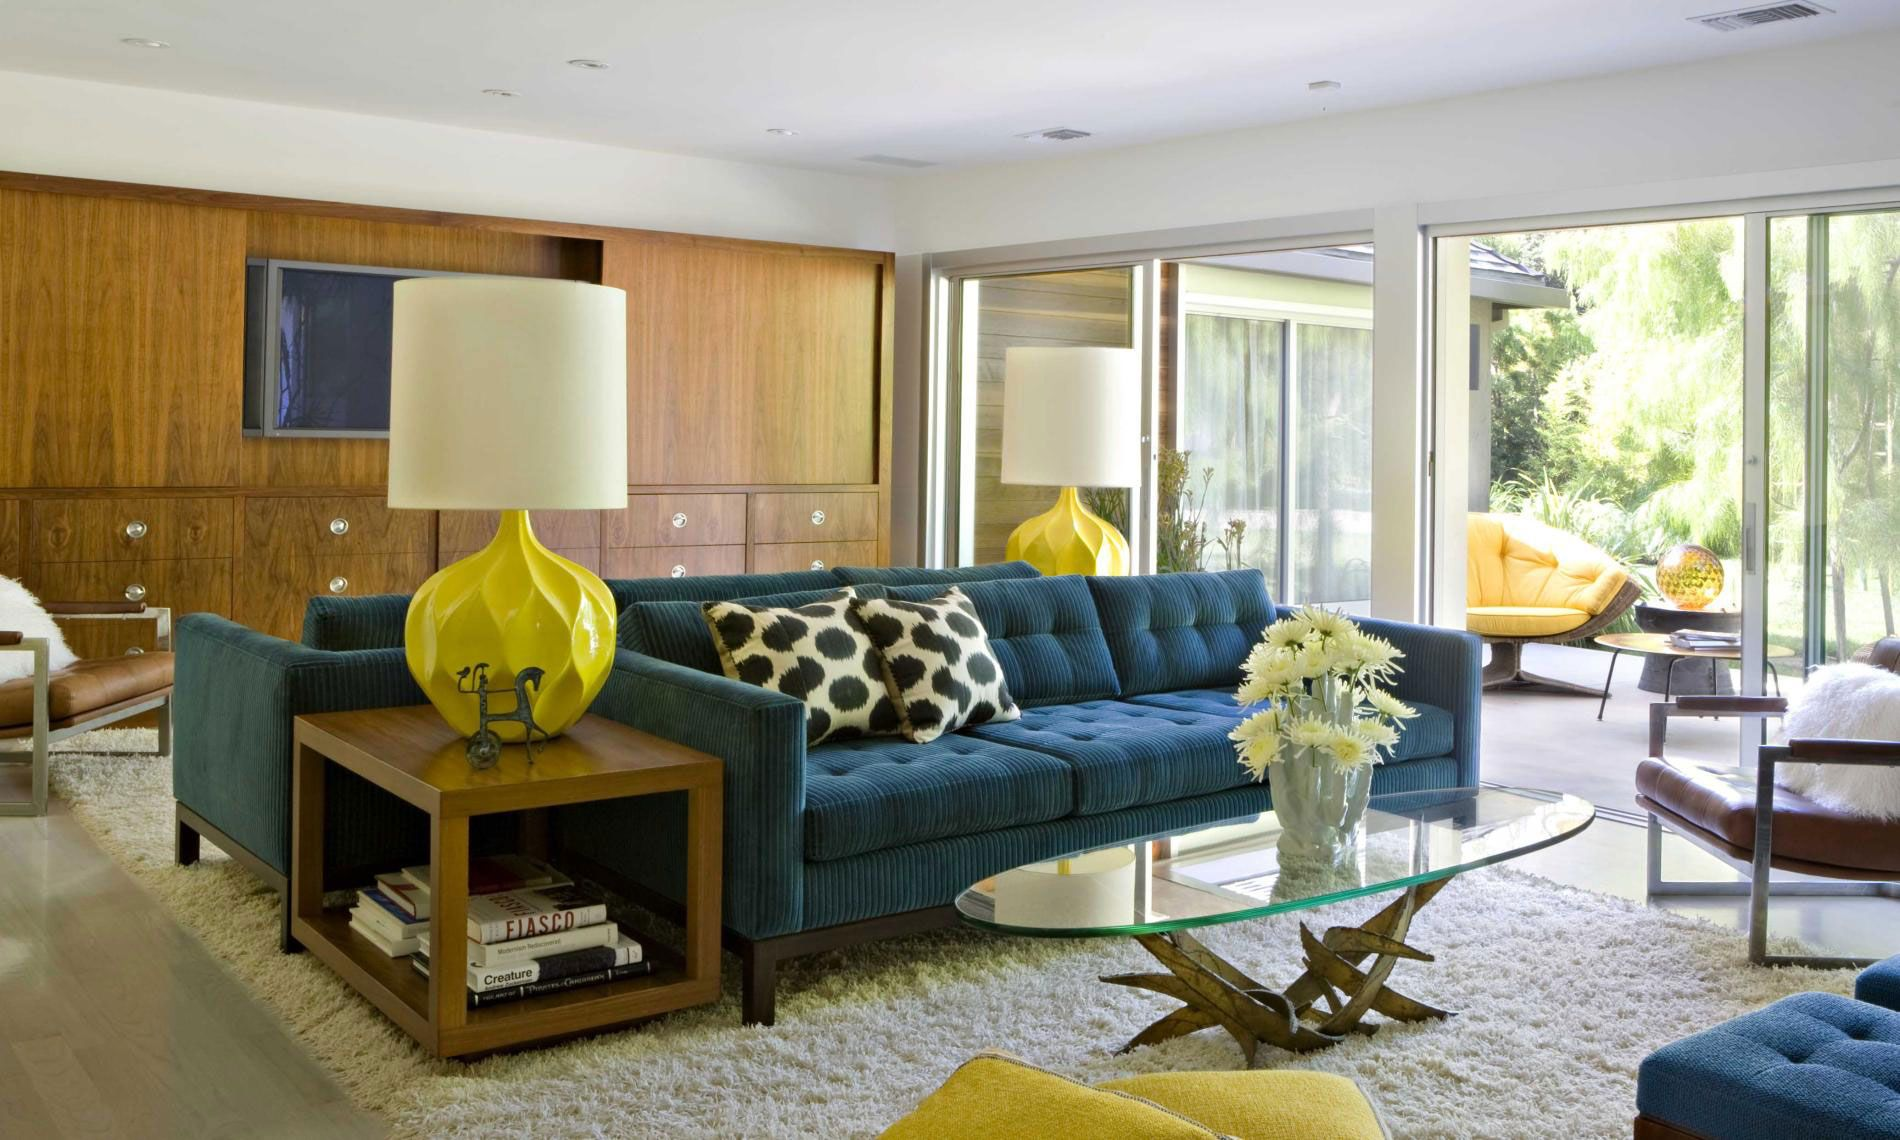 70 moderne, innovative Luxus Interieur Ideen fürs Wohnzimmer | Blau ...